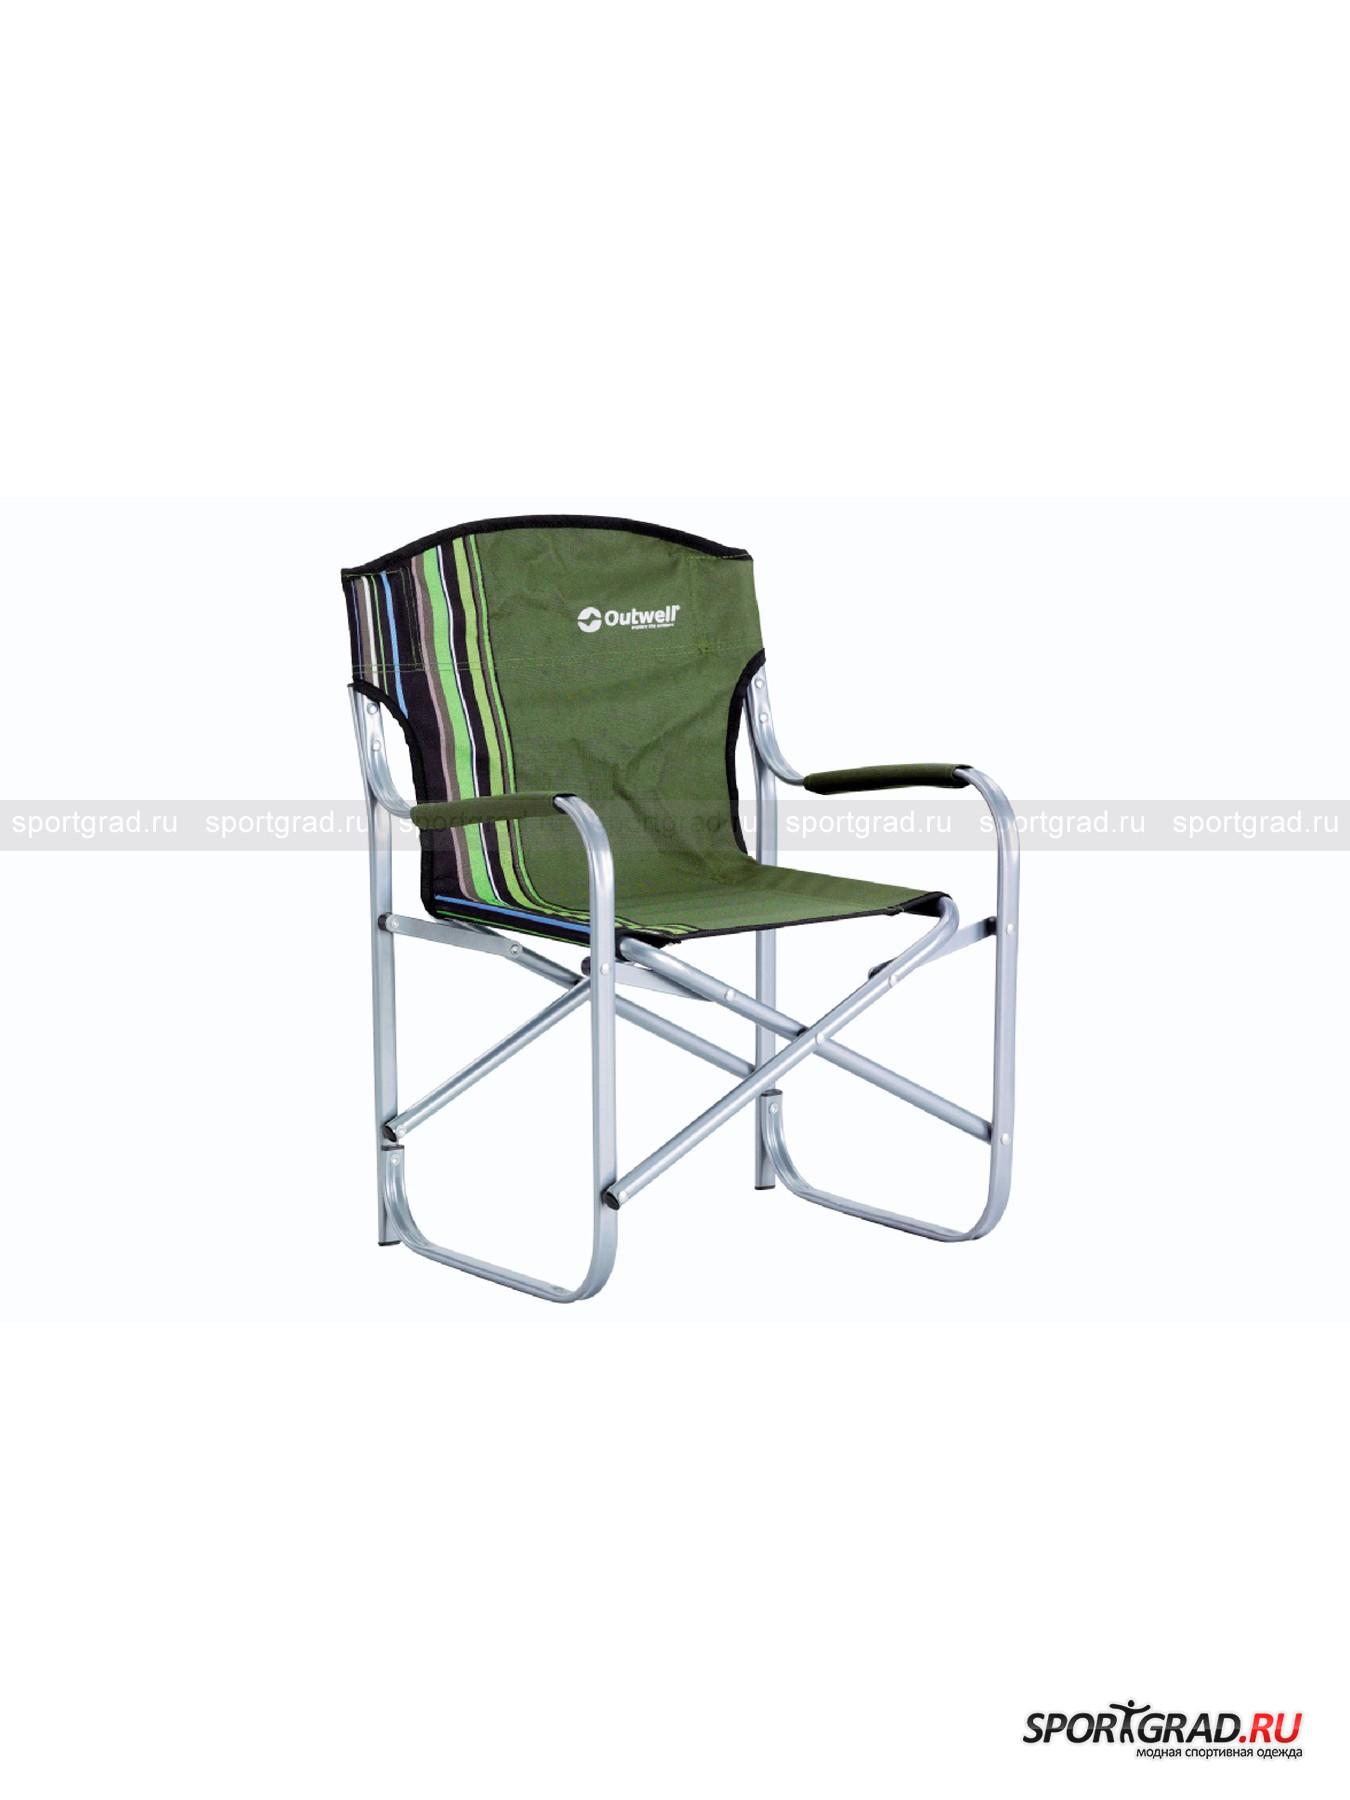 Кресло Bredon Hills OUTWELL